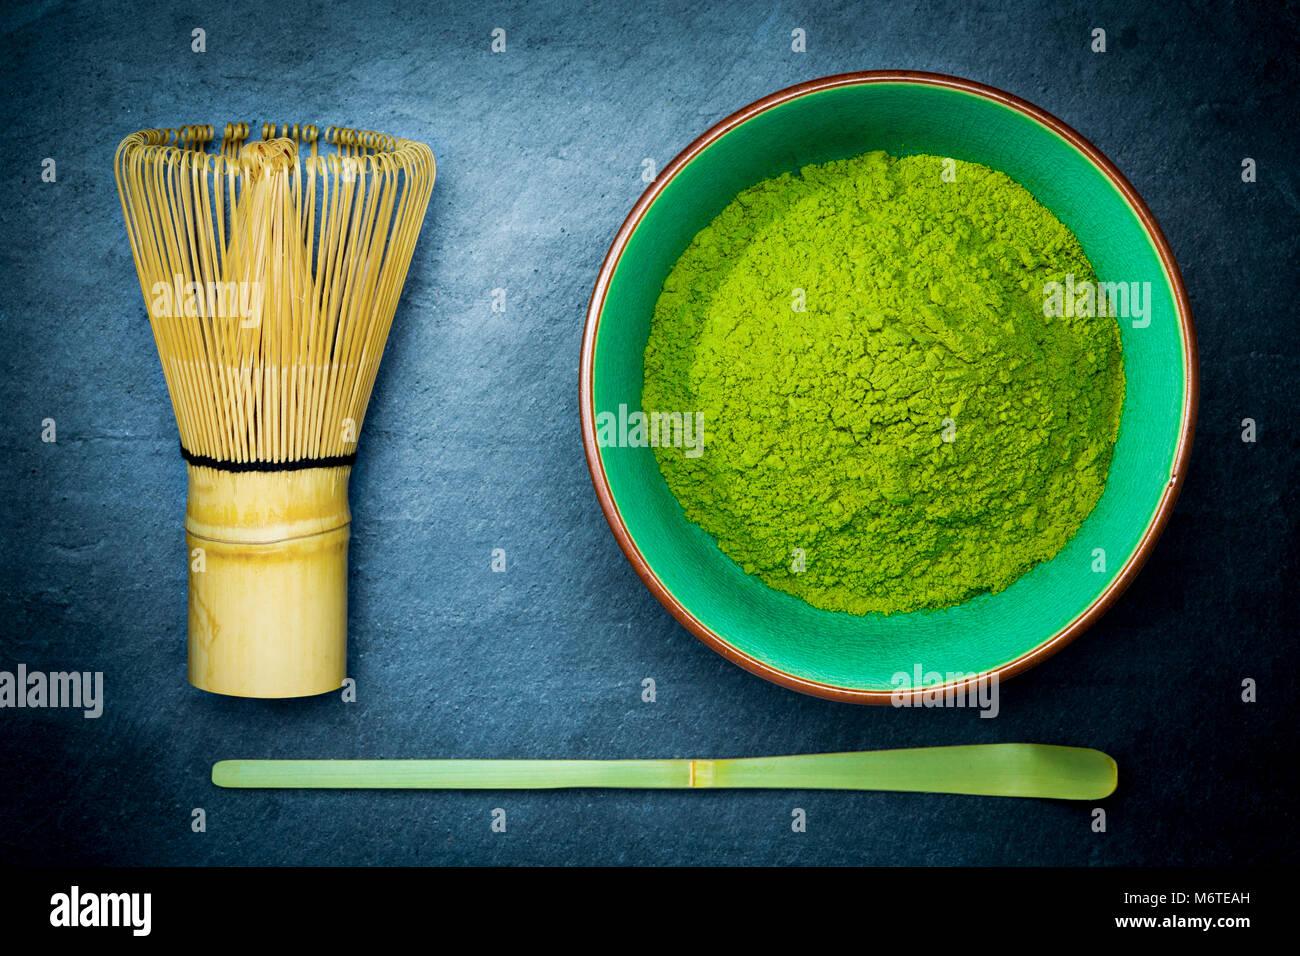 Tè verde Matcha in polvere in una ciotola con una frusta di bambù e cucchiaio su ardesia scuro dello sfondo. Immagini Stock